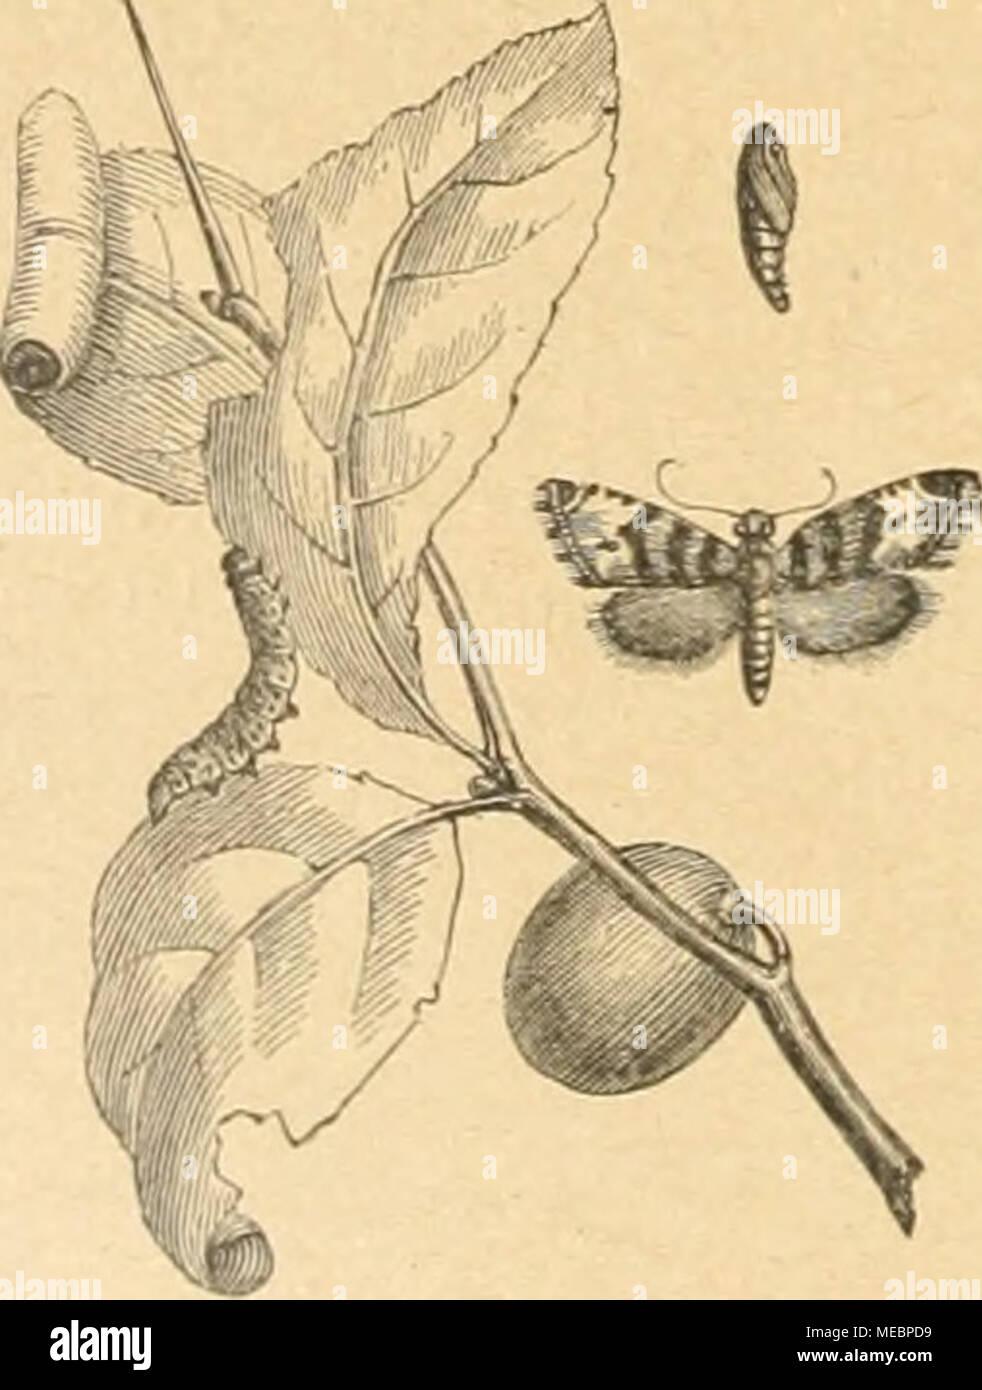 . Die Gartenwelt . an die erkrankte Rindenstelle seitens der Falter läßt sich vorbeugen, wenn man die Rinde des Fraßplatzes glättet, die Wunde ausschneidet und während der Flugzeit mit Fett oder Teer beschmiert oder auch kalkt. Ein Lehmverband im zeitigen Frühjahr verhütet das Ausschlüpfen der Falter. Außer anderem Laubholz werden Kernobstbäume und Johannisbeersträucher befallen vom ledergelben Obst- baumwickler, Pandemis ribeana. Hb., dessen gelbgrüne Raupen sich Blattröhren rollen, in denen sie sich auch ver- puppen. Der von ihnen verursachte Fraßschaden ist meist unbedeutend. Die schmutzig- - Stock Image